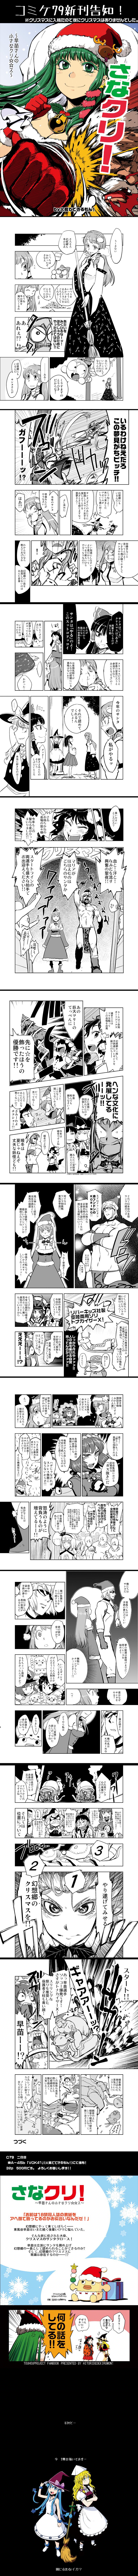 kawashiro nitori, konpaku youmu, reisen udongein inaba, morichika rinnosuke, snake-eyed kanako, and etc (shinryaku! ikamusume and etc) drawn by minato hitori